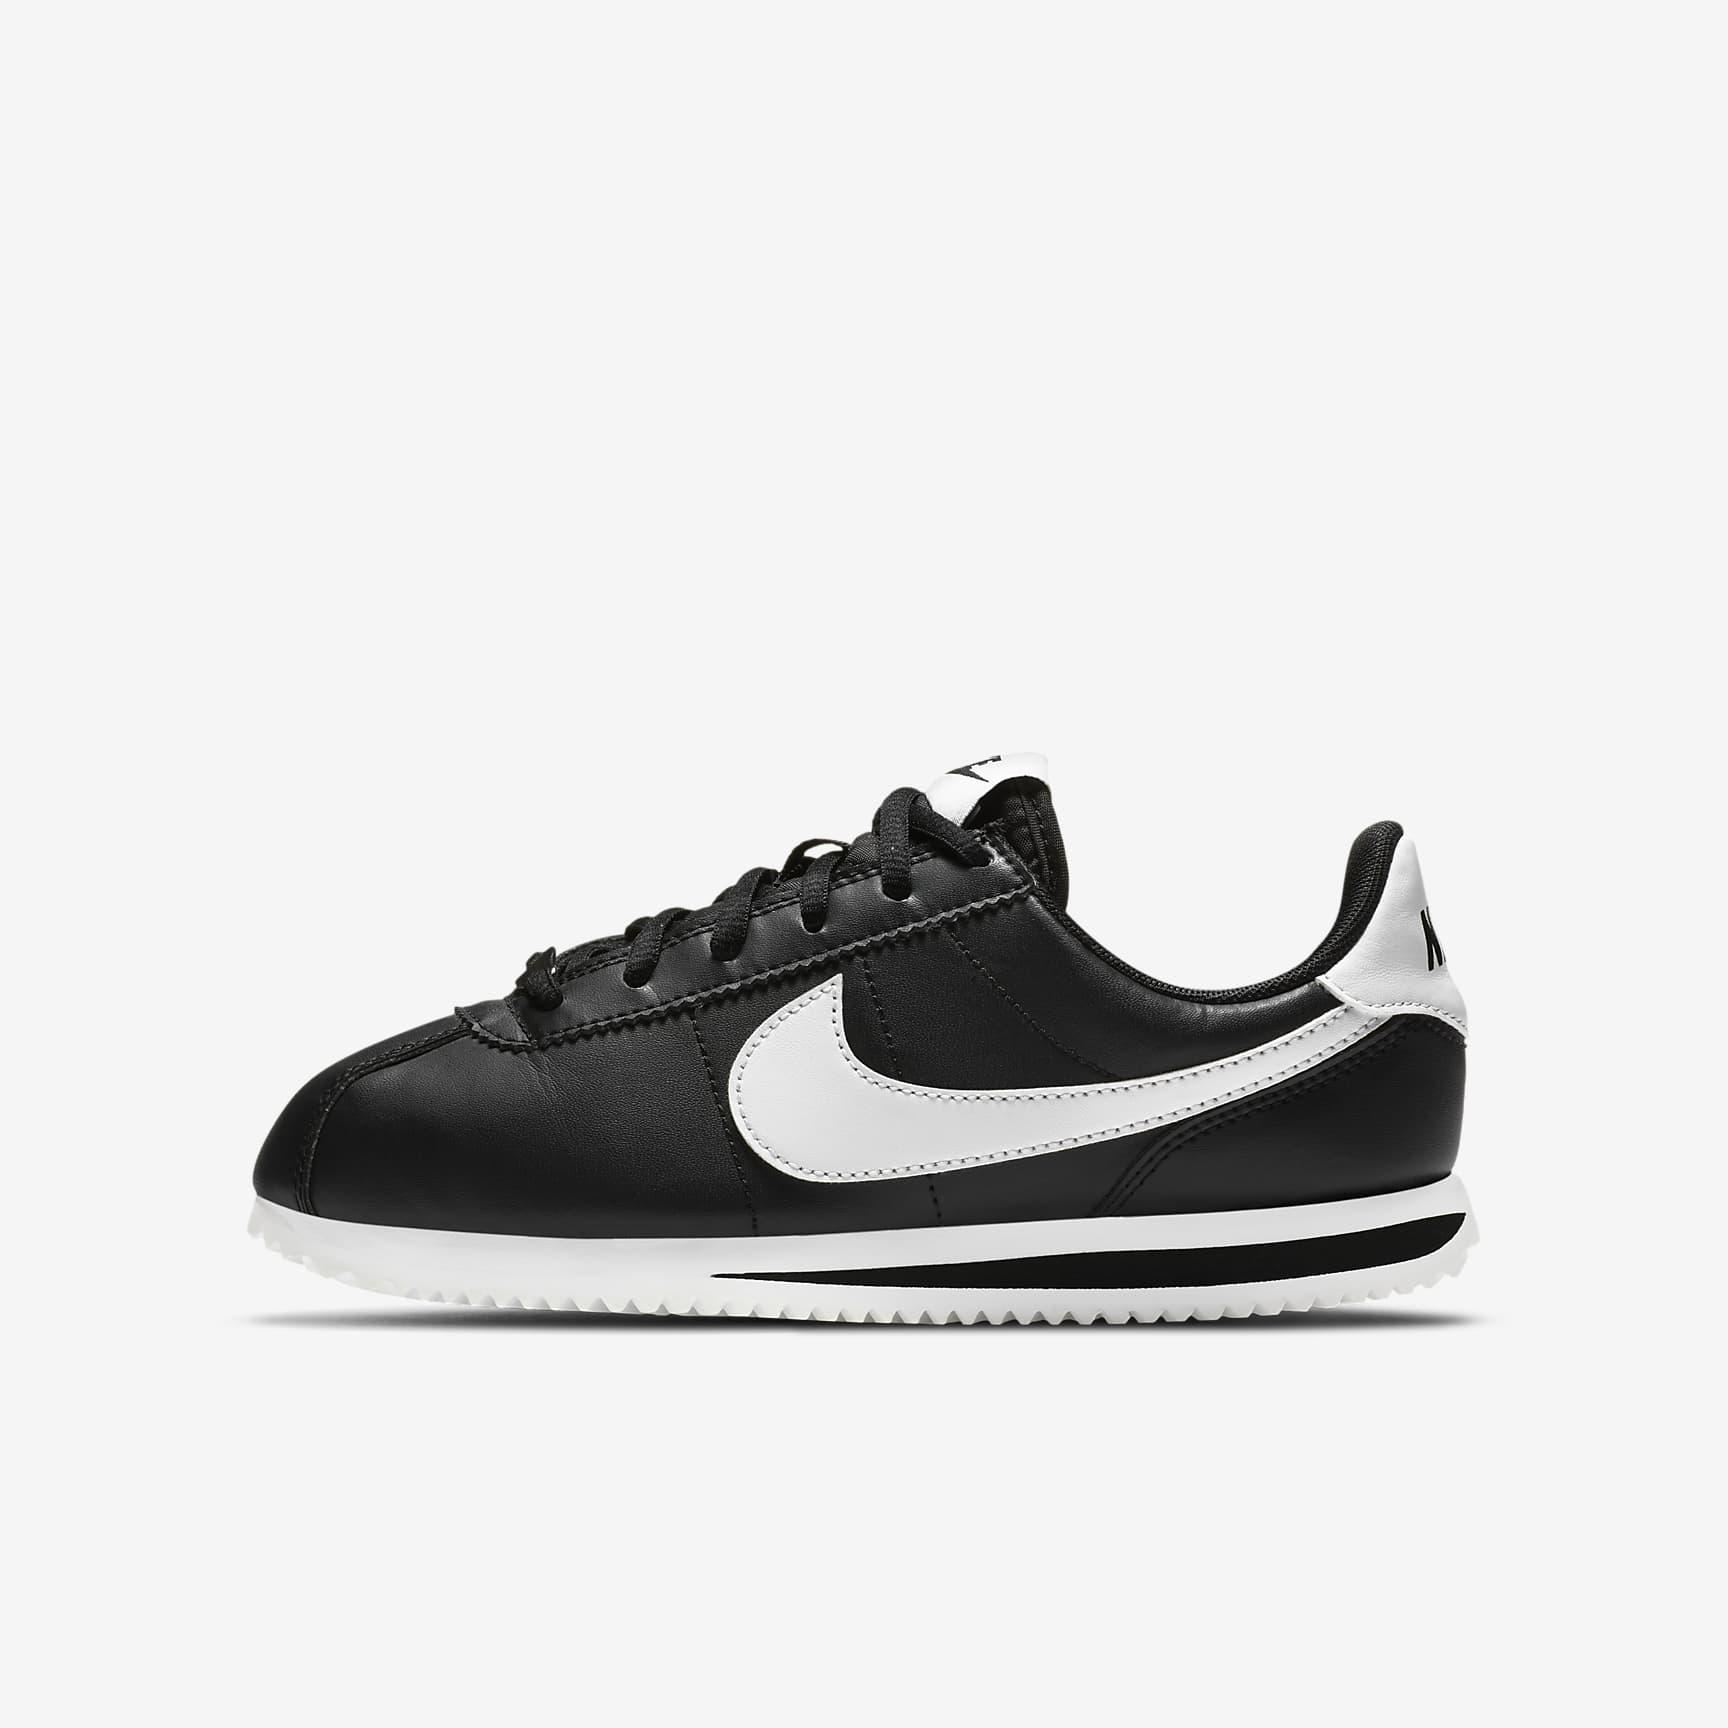 379元包邮  Nike Cortez Basic SL (GS) 大童/女子运动鞋